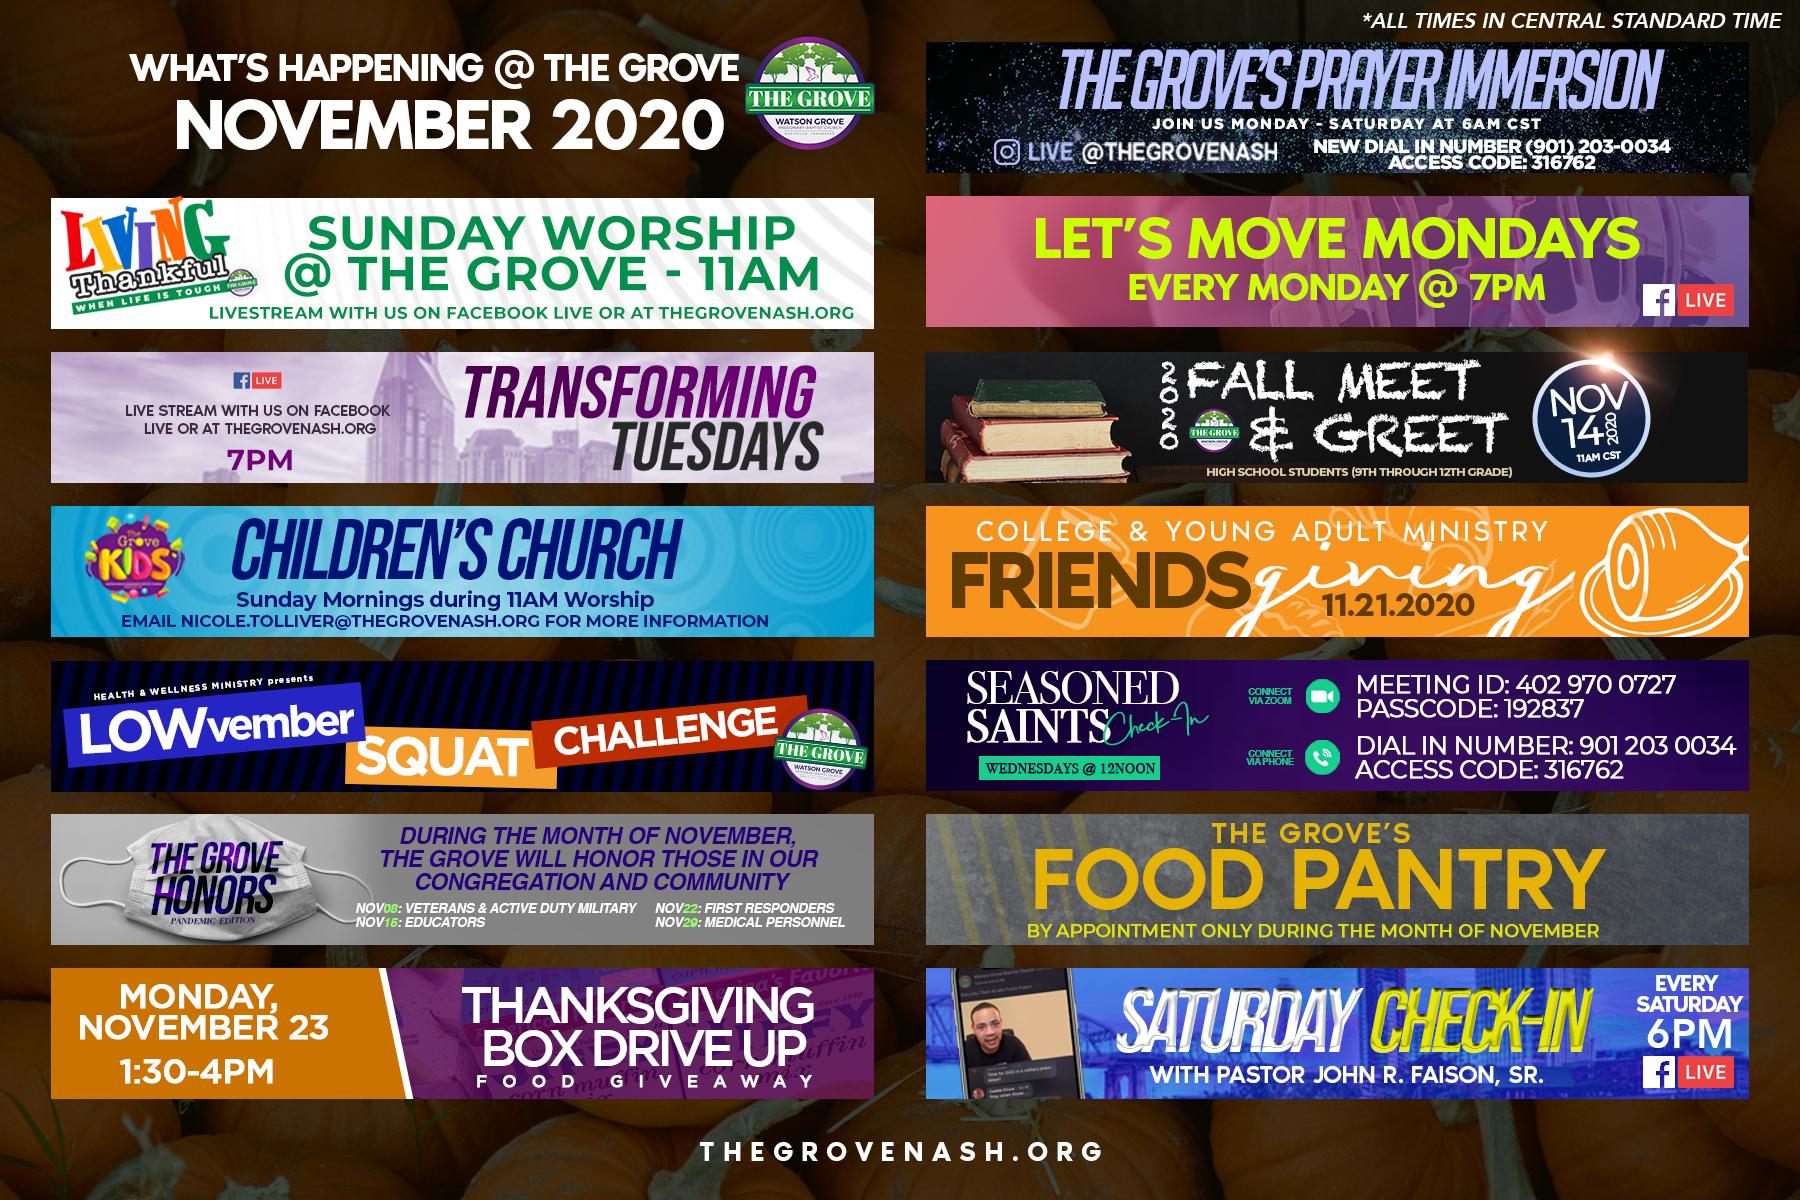 NovemberSchedule